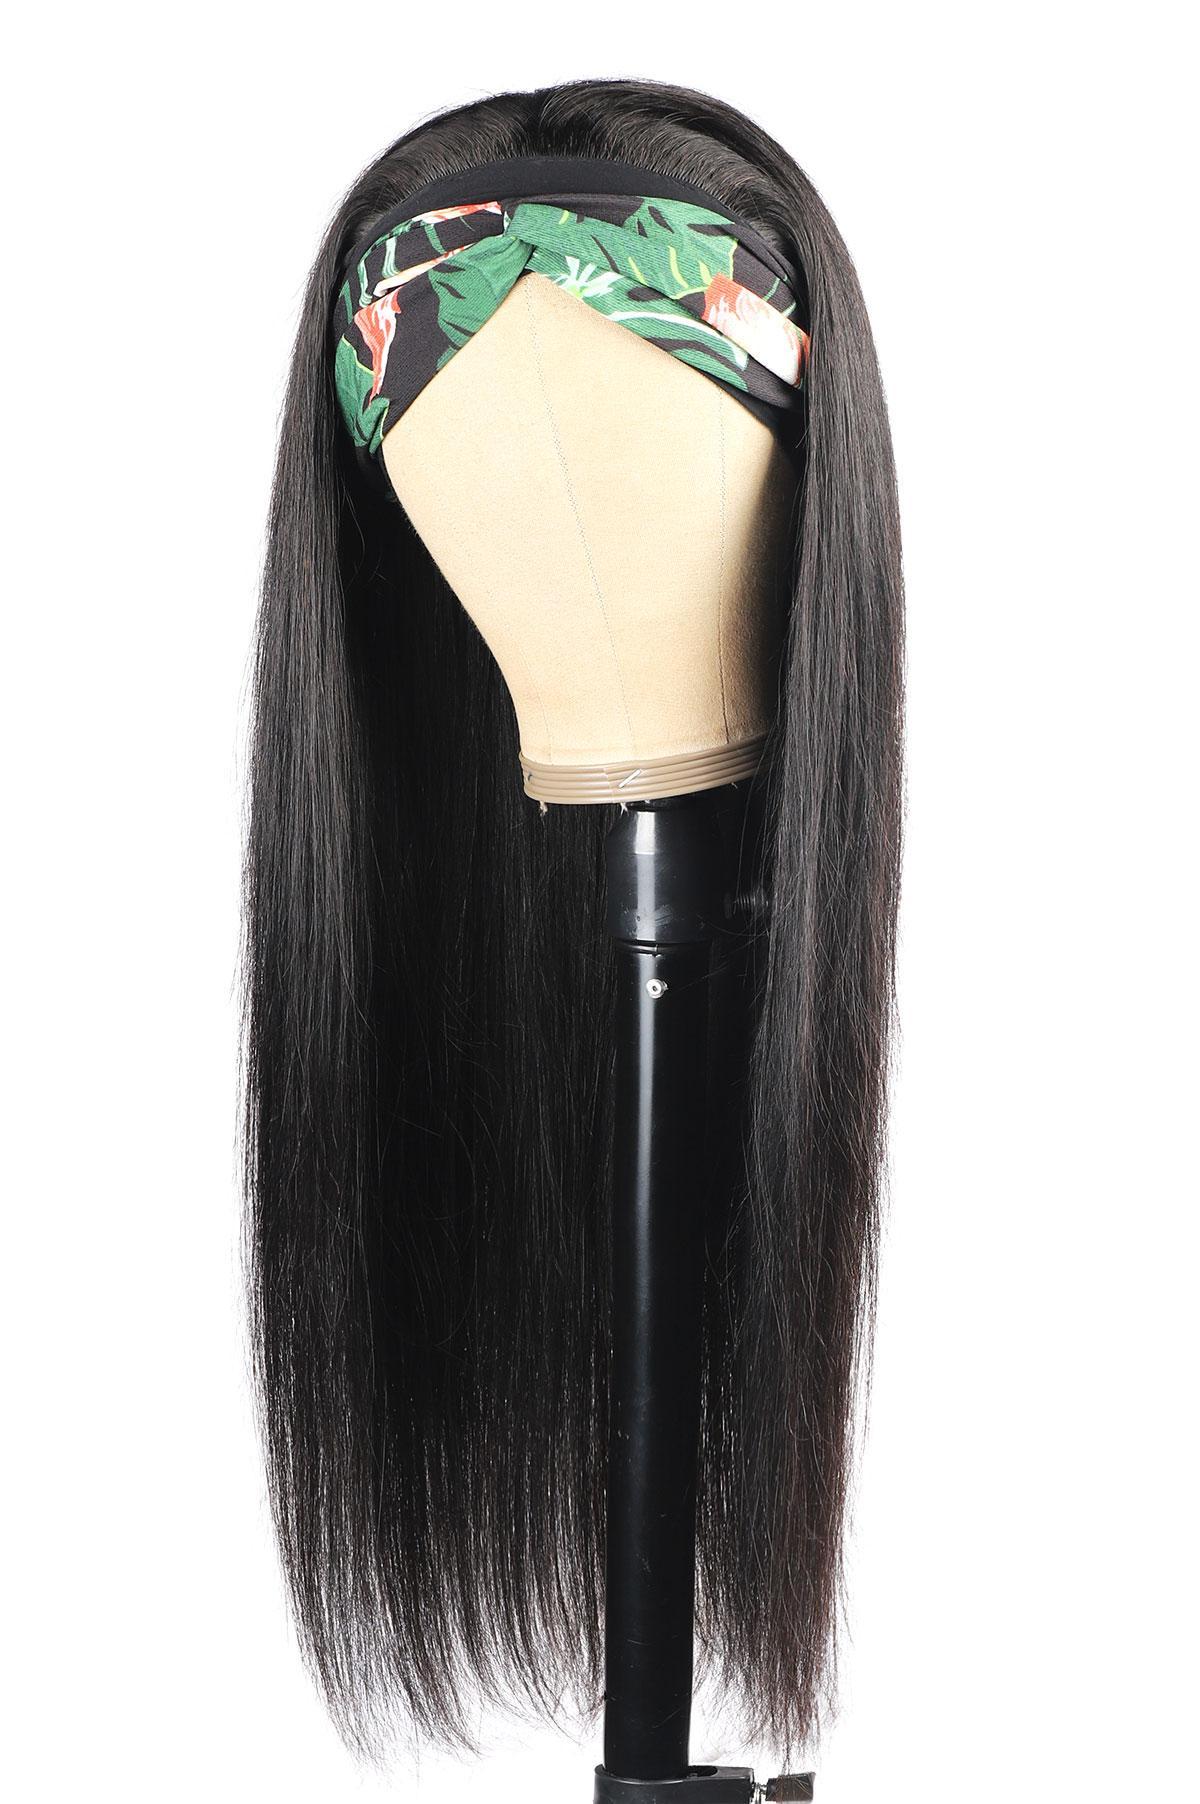 Parrucca Meetu Nuovo lunghi 28 30inch dei capelli del corpo umano parrucche con fascia acqua direttamente allentato profondo Nessuno del merletto di colore naturale per le donne